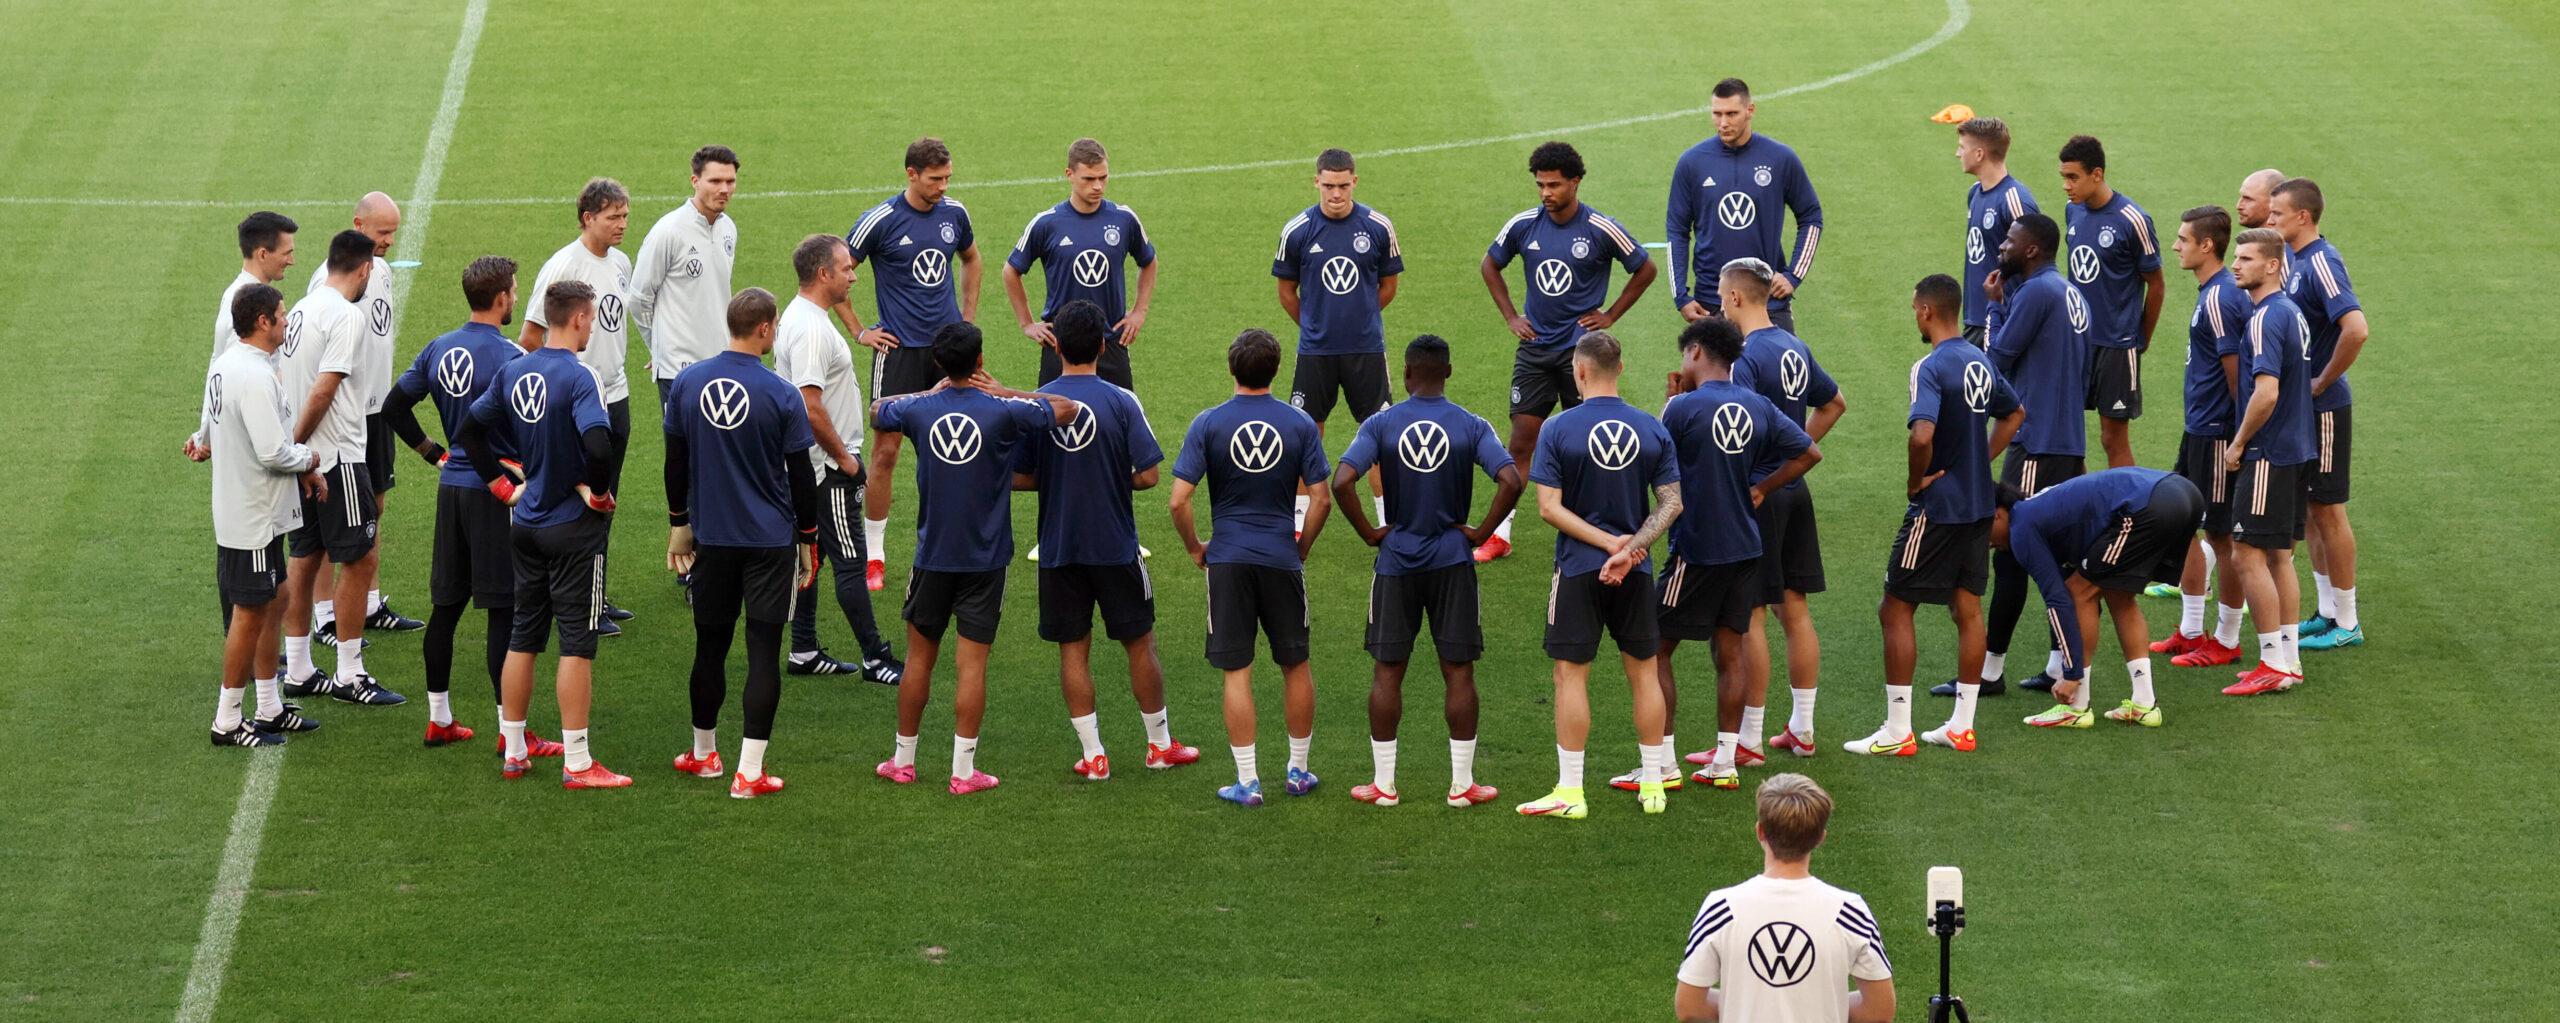 Alemania, en su último entrenamiento antes de su encuentro decisivo contra Armenia. Foto: Imago